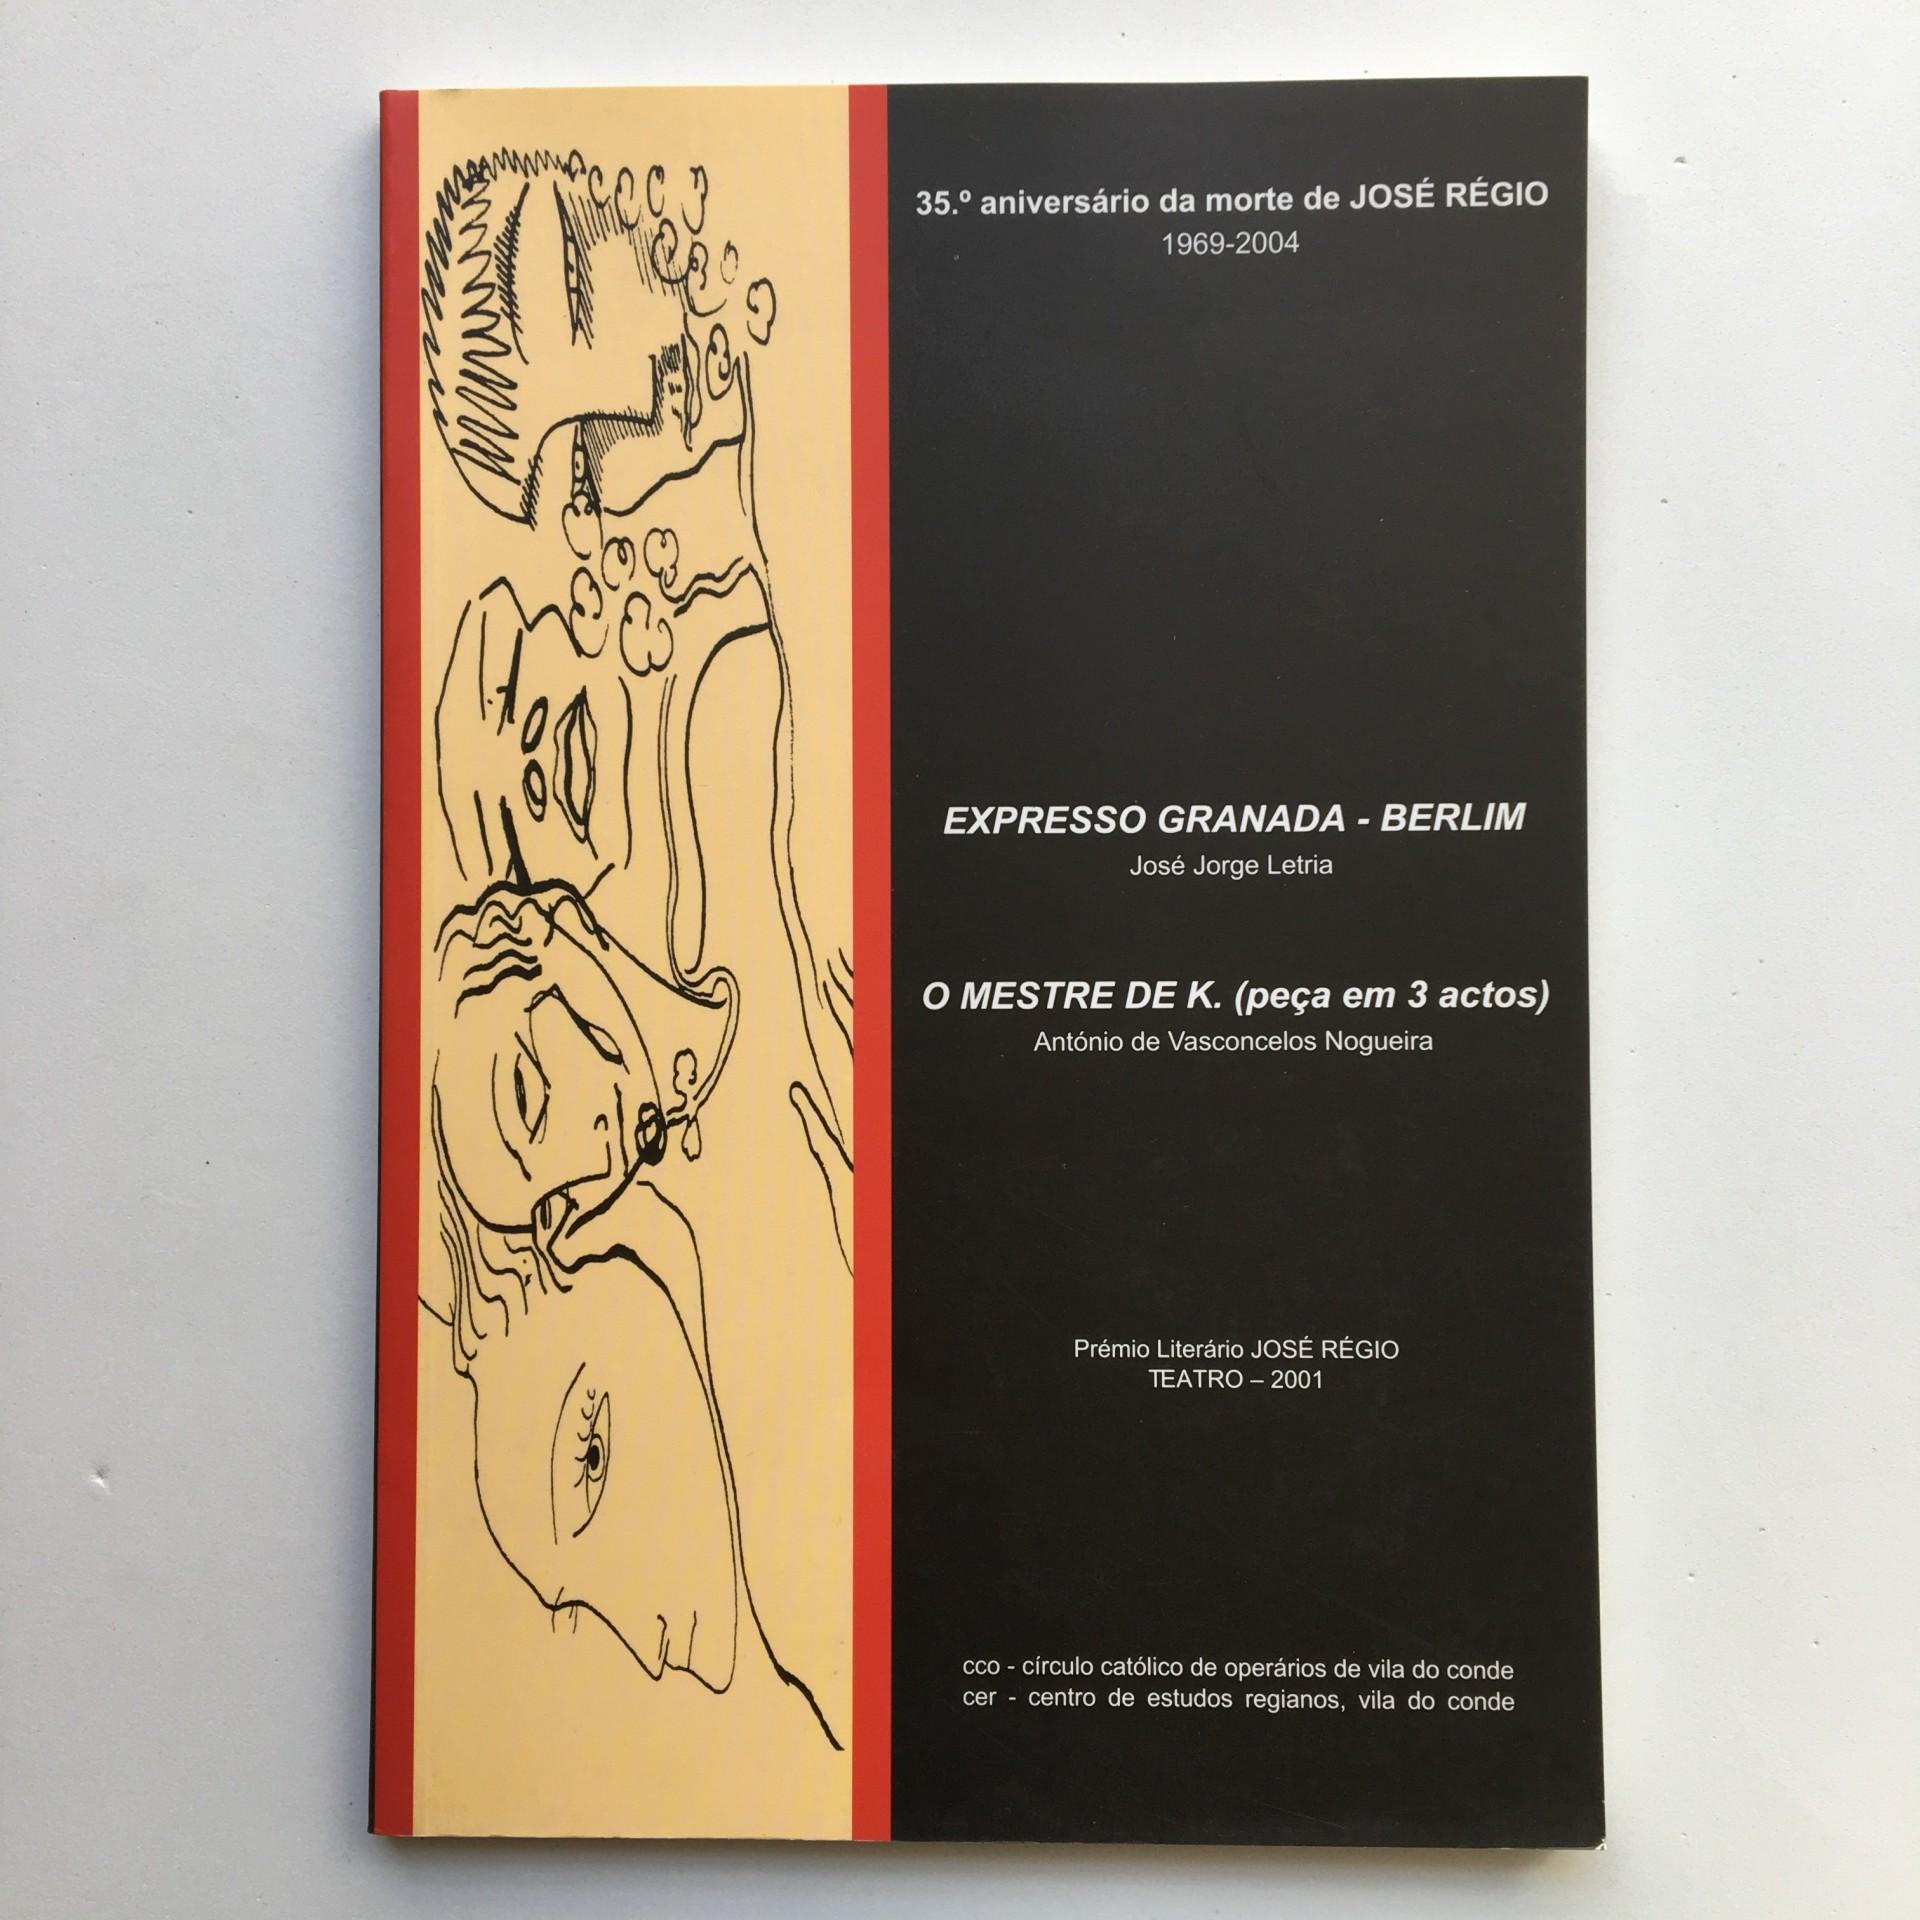 Expresso Granada-Berlim / O Mestre de K. (peça em 3 actos)